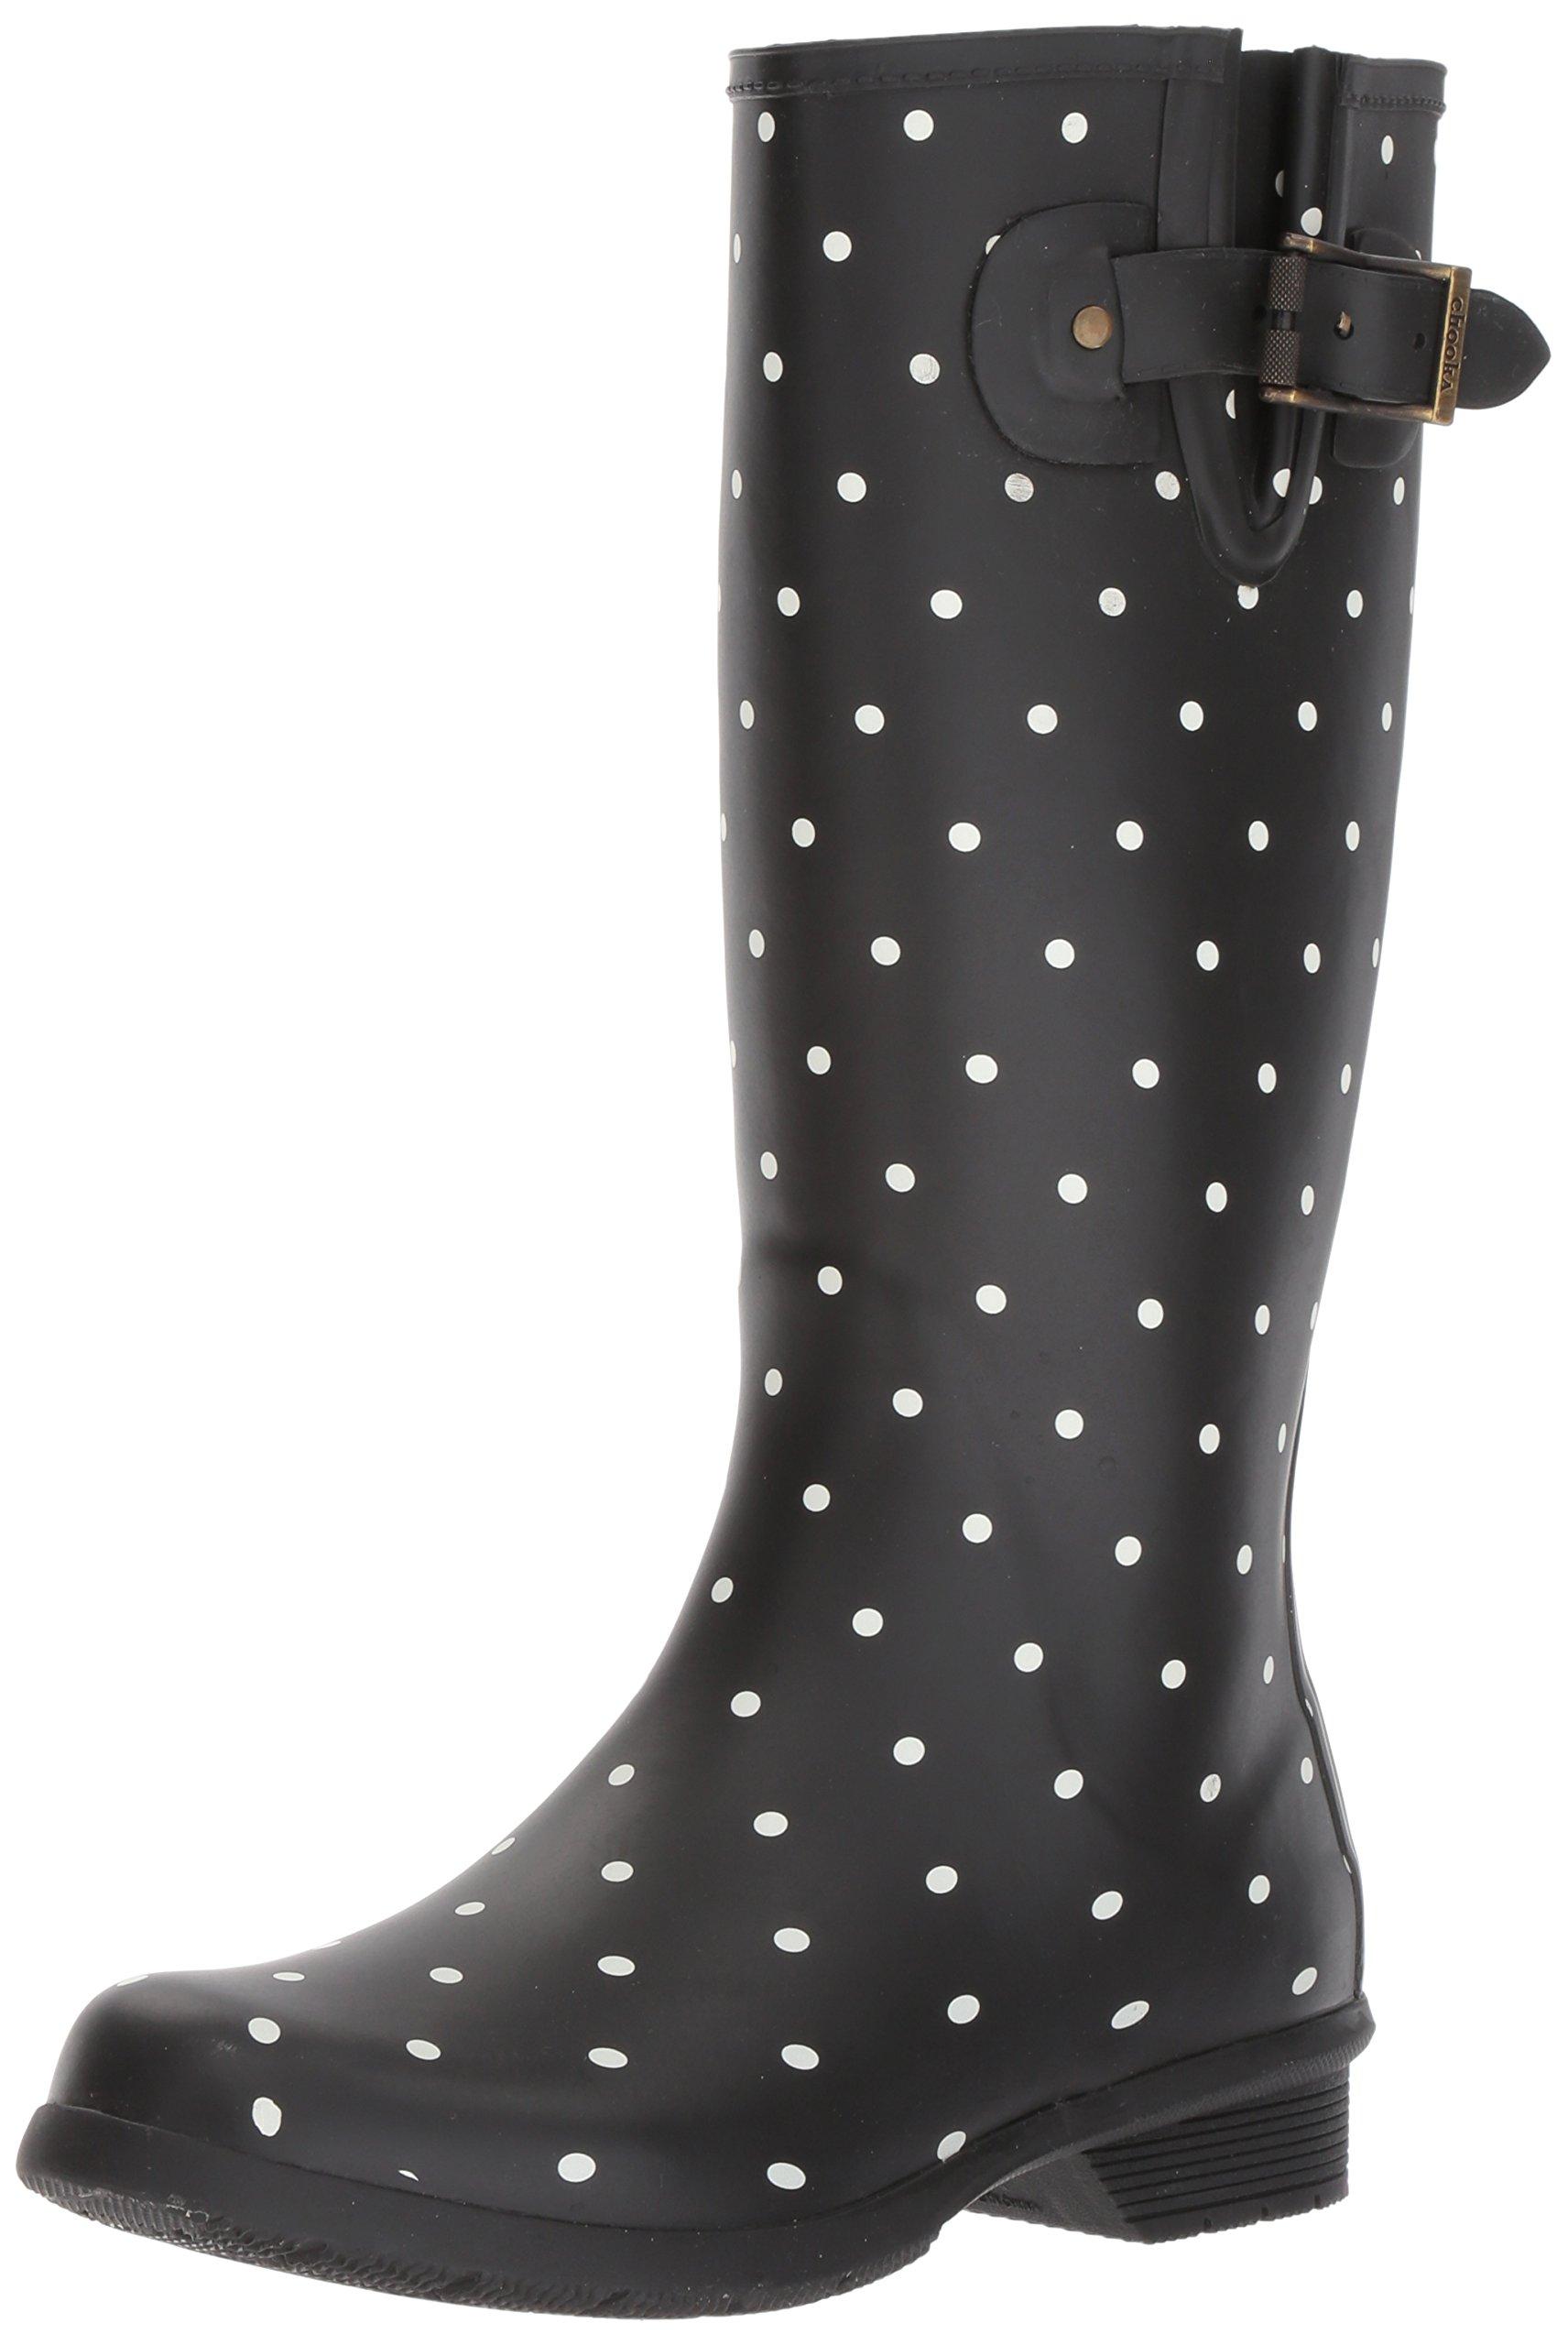 Chooka Women's Tall Memory Foam Rain Boot, Dot Blanc Black, 11 M US